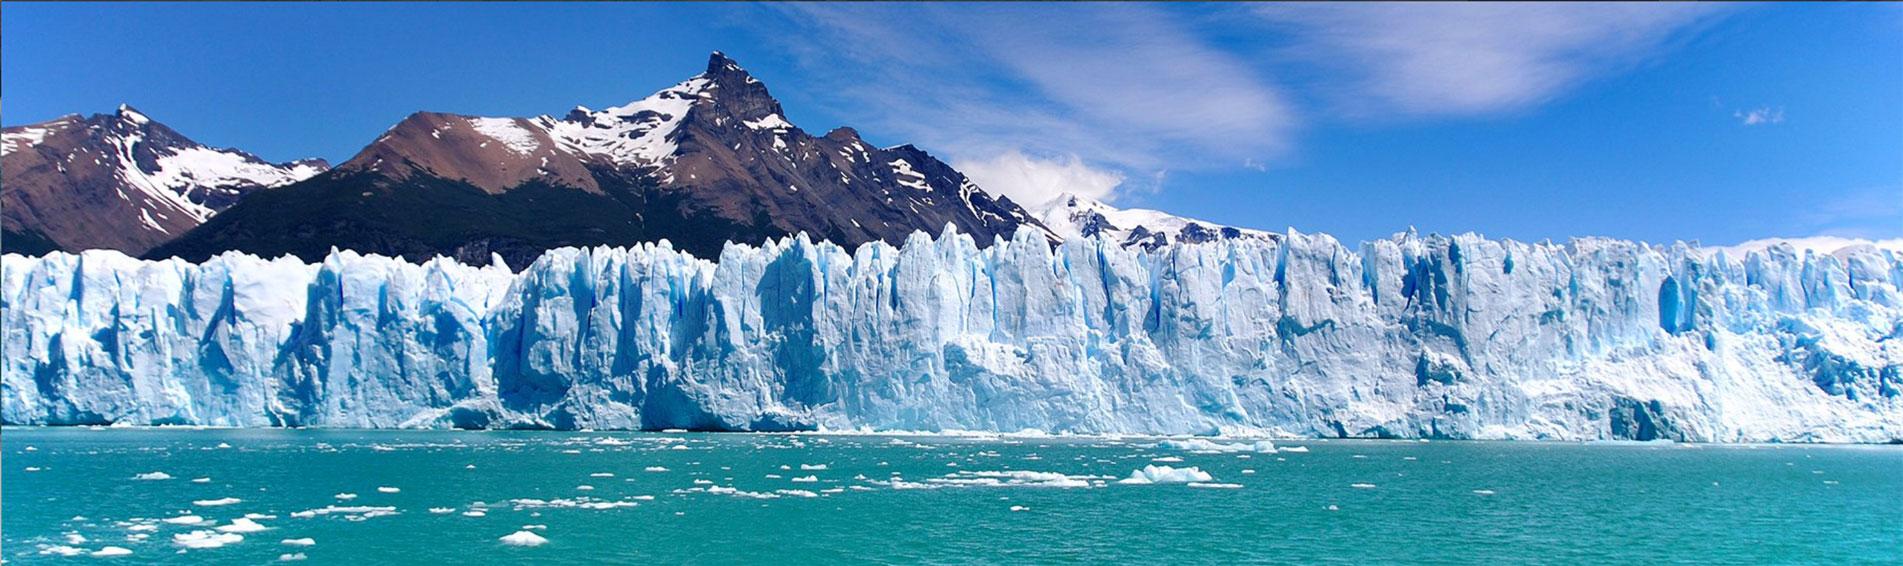 PATAGONIAN DELIGHTS glacier view